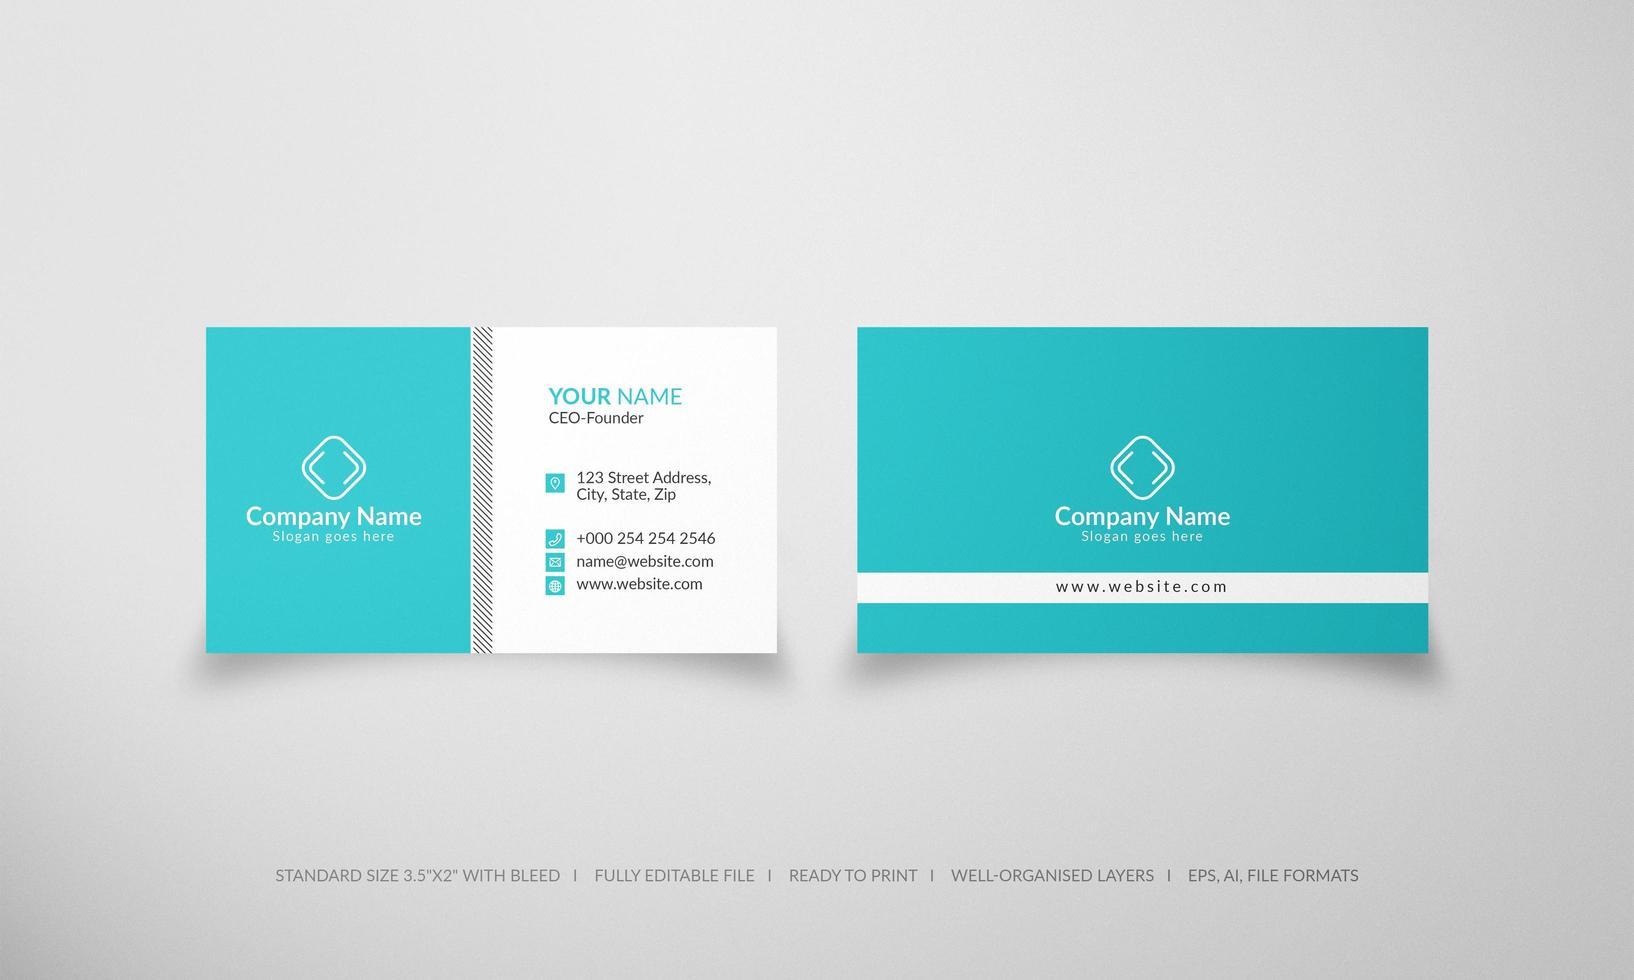 plantilla de tarjeta de visita creativa y limpia azul moderna vector